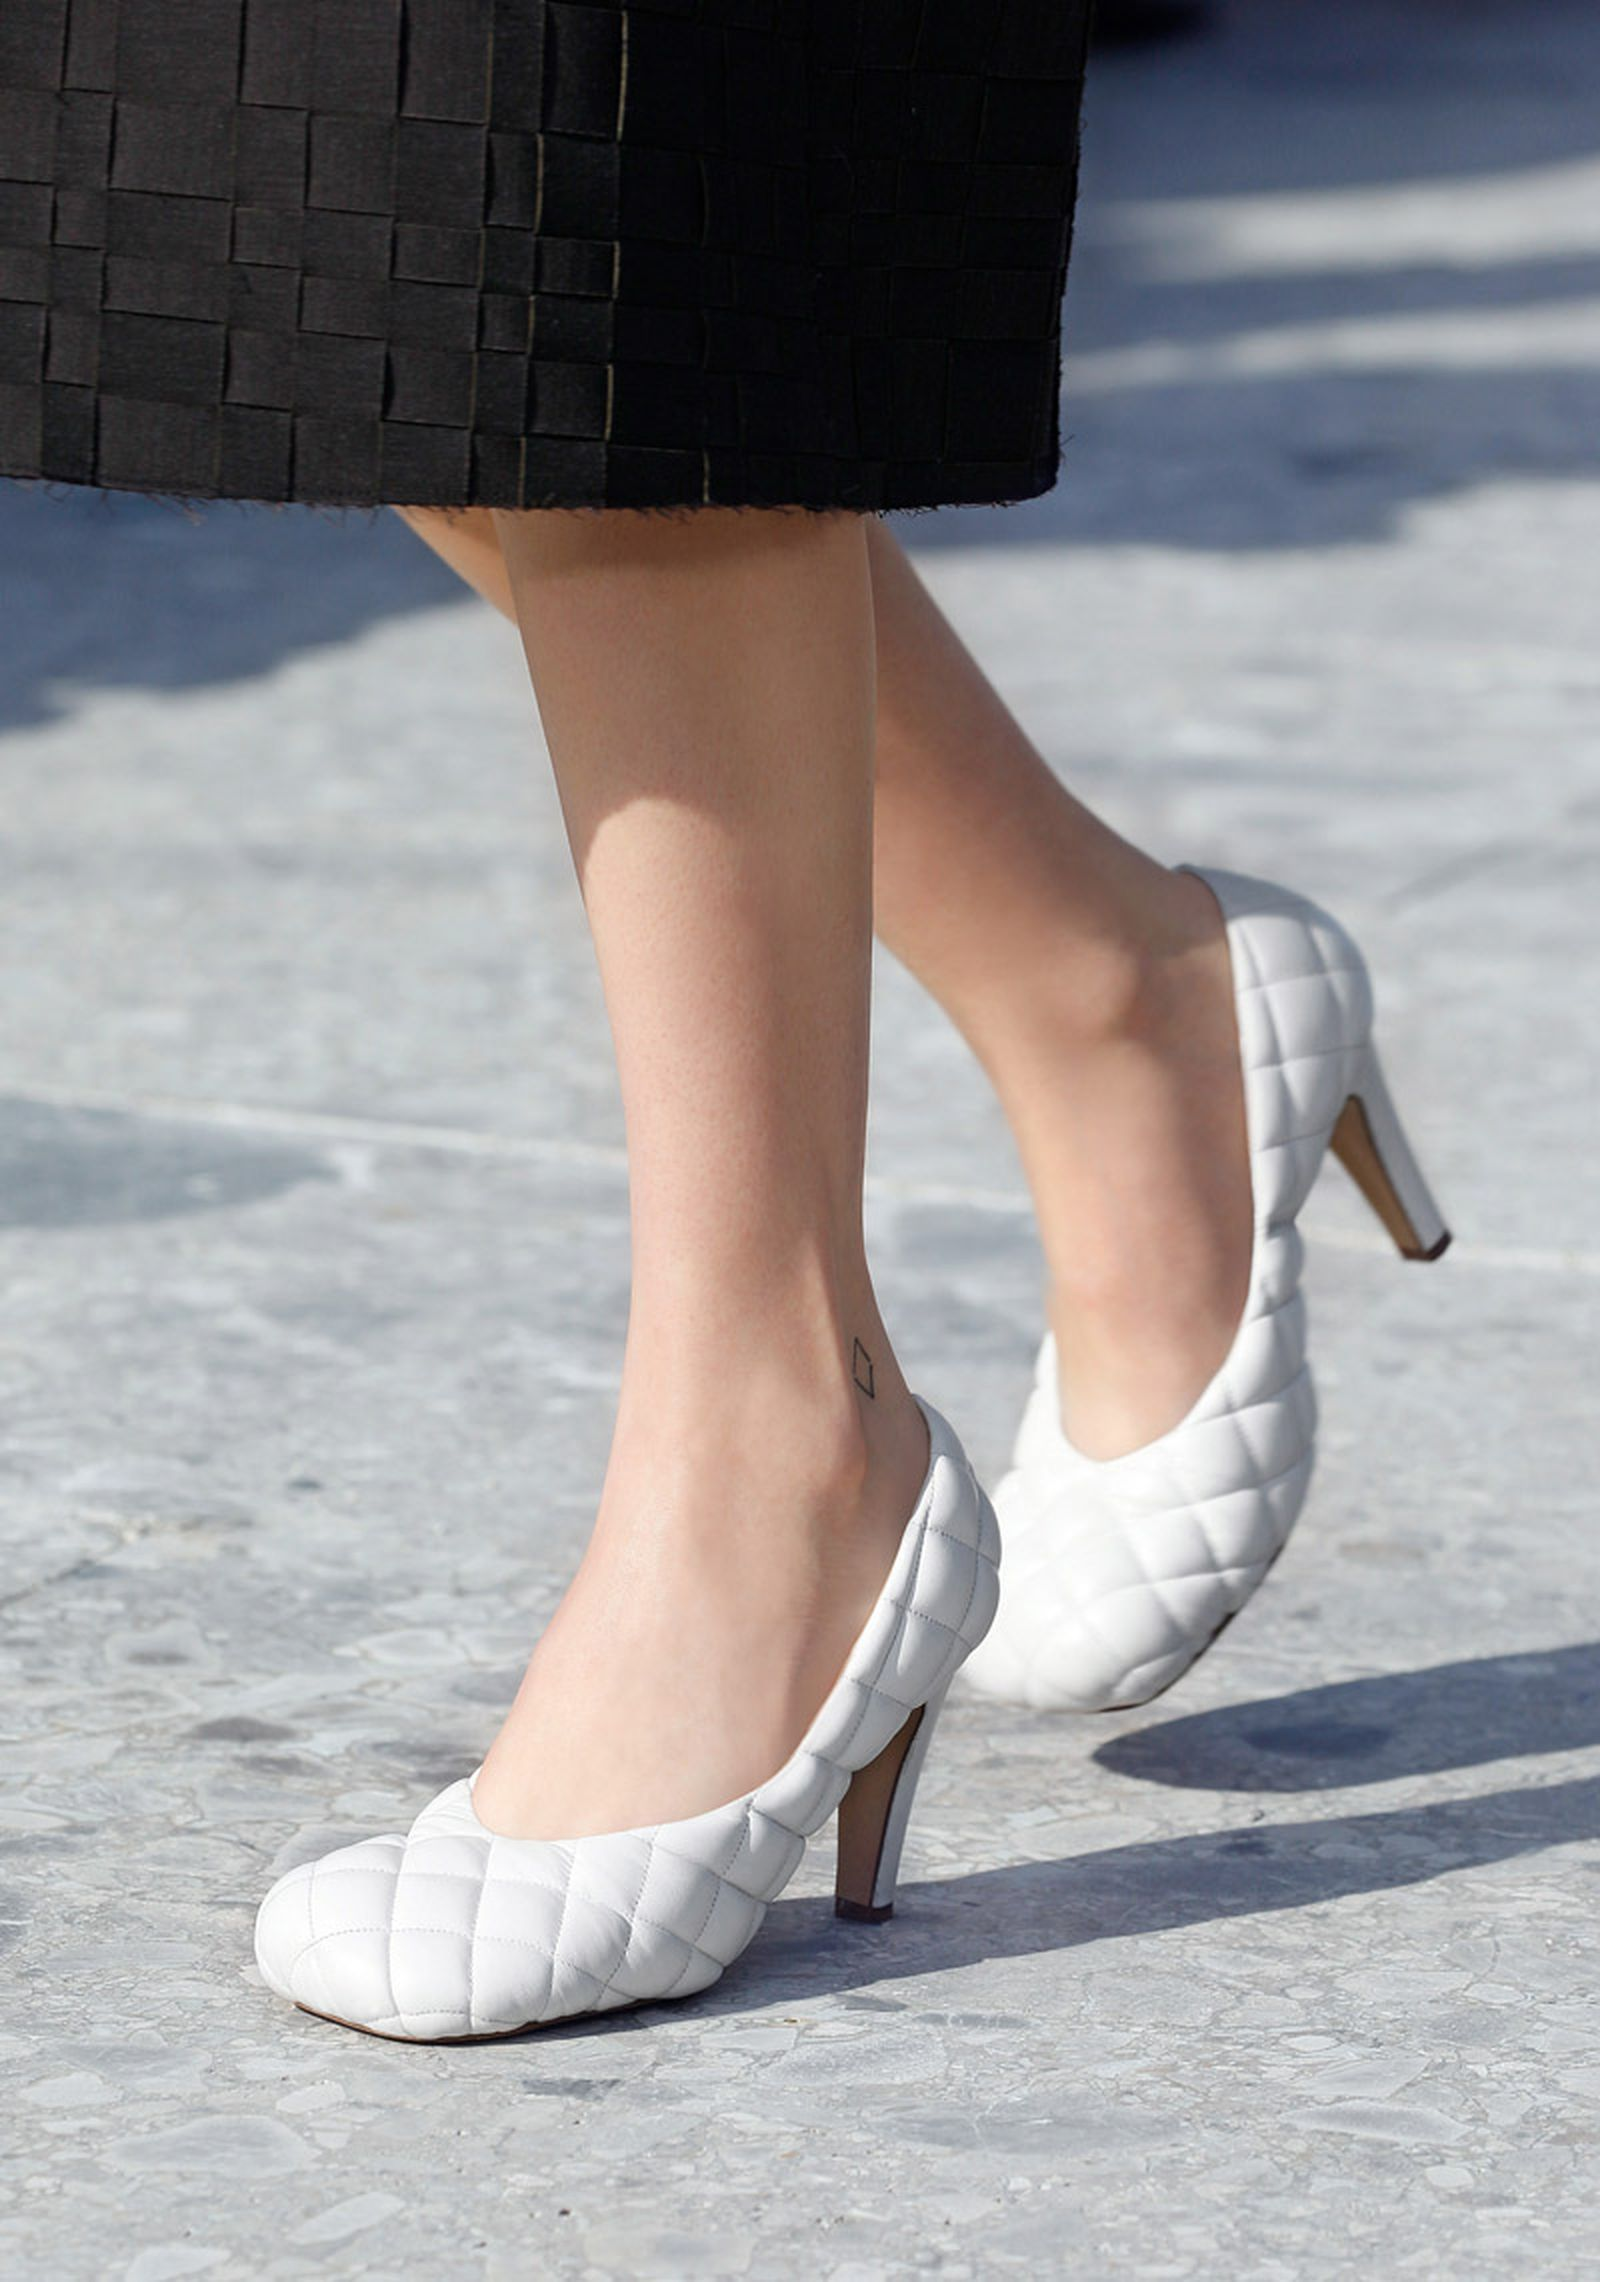 bottega-veneta-is-bringing-timeless-luxury-back-to-fashion-15